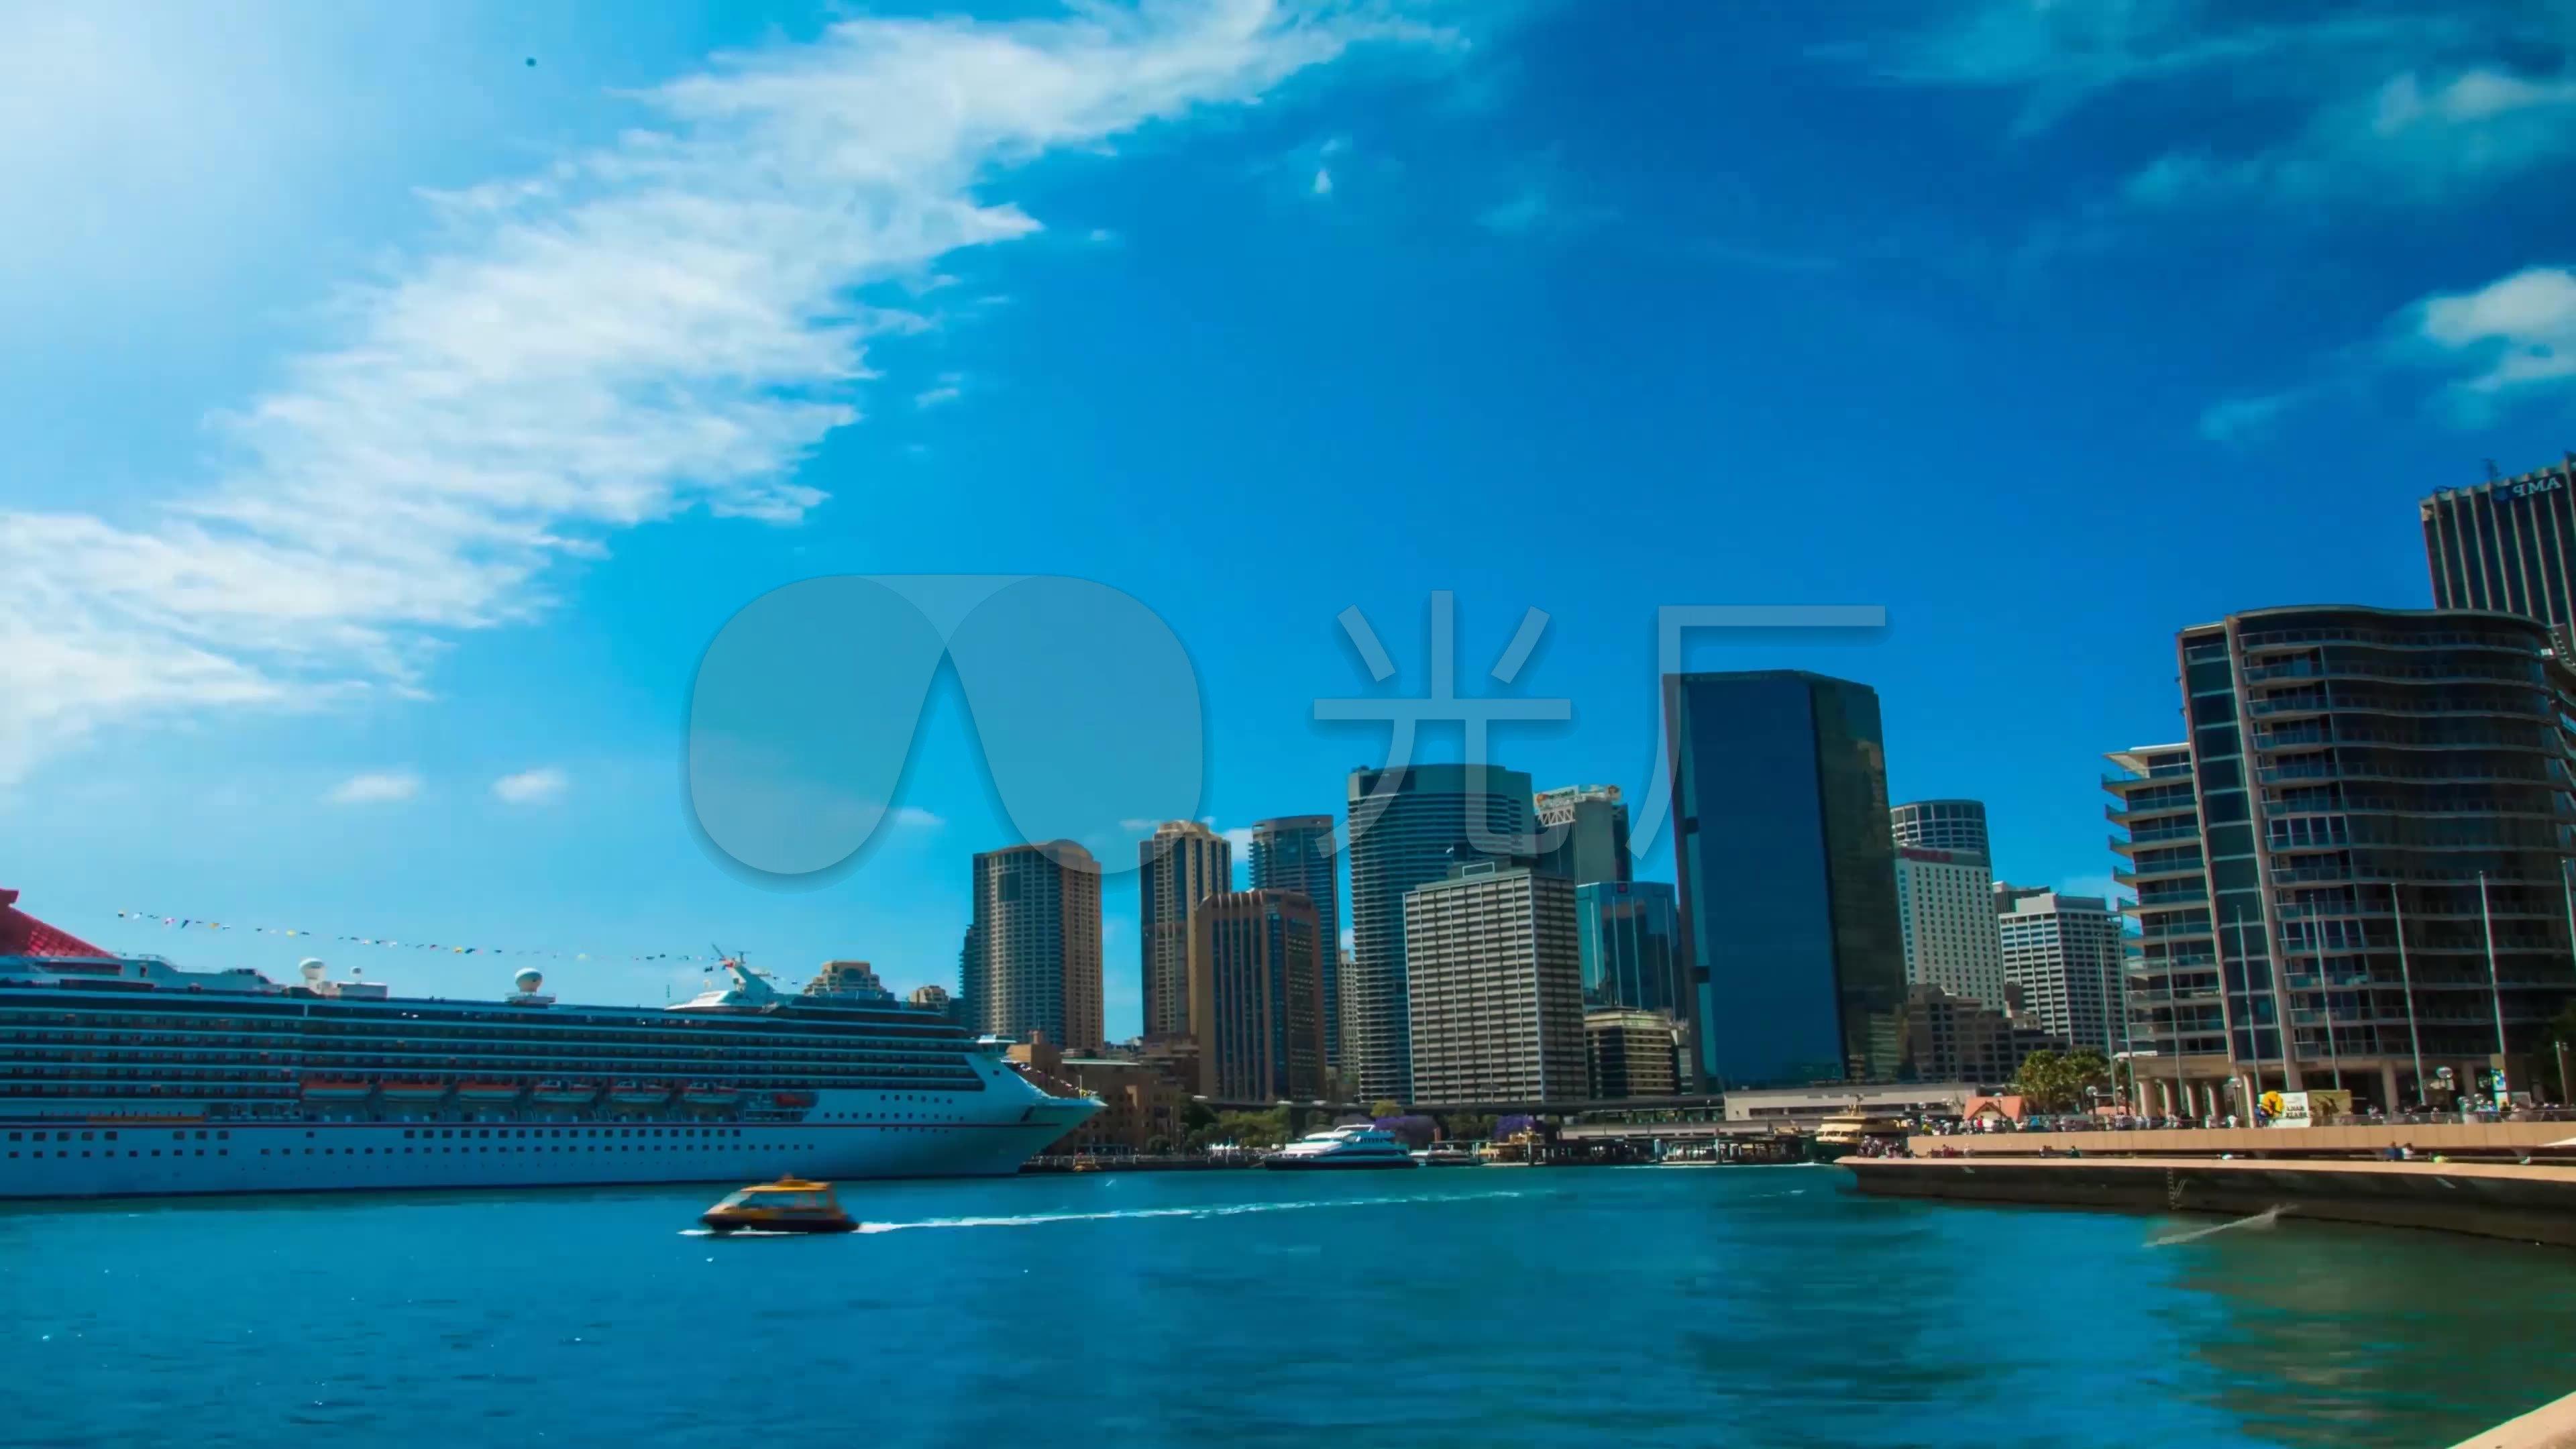 蓝天白云澳大利亚城市风光延时